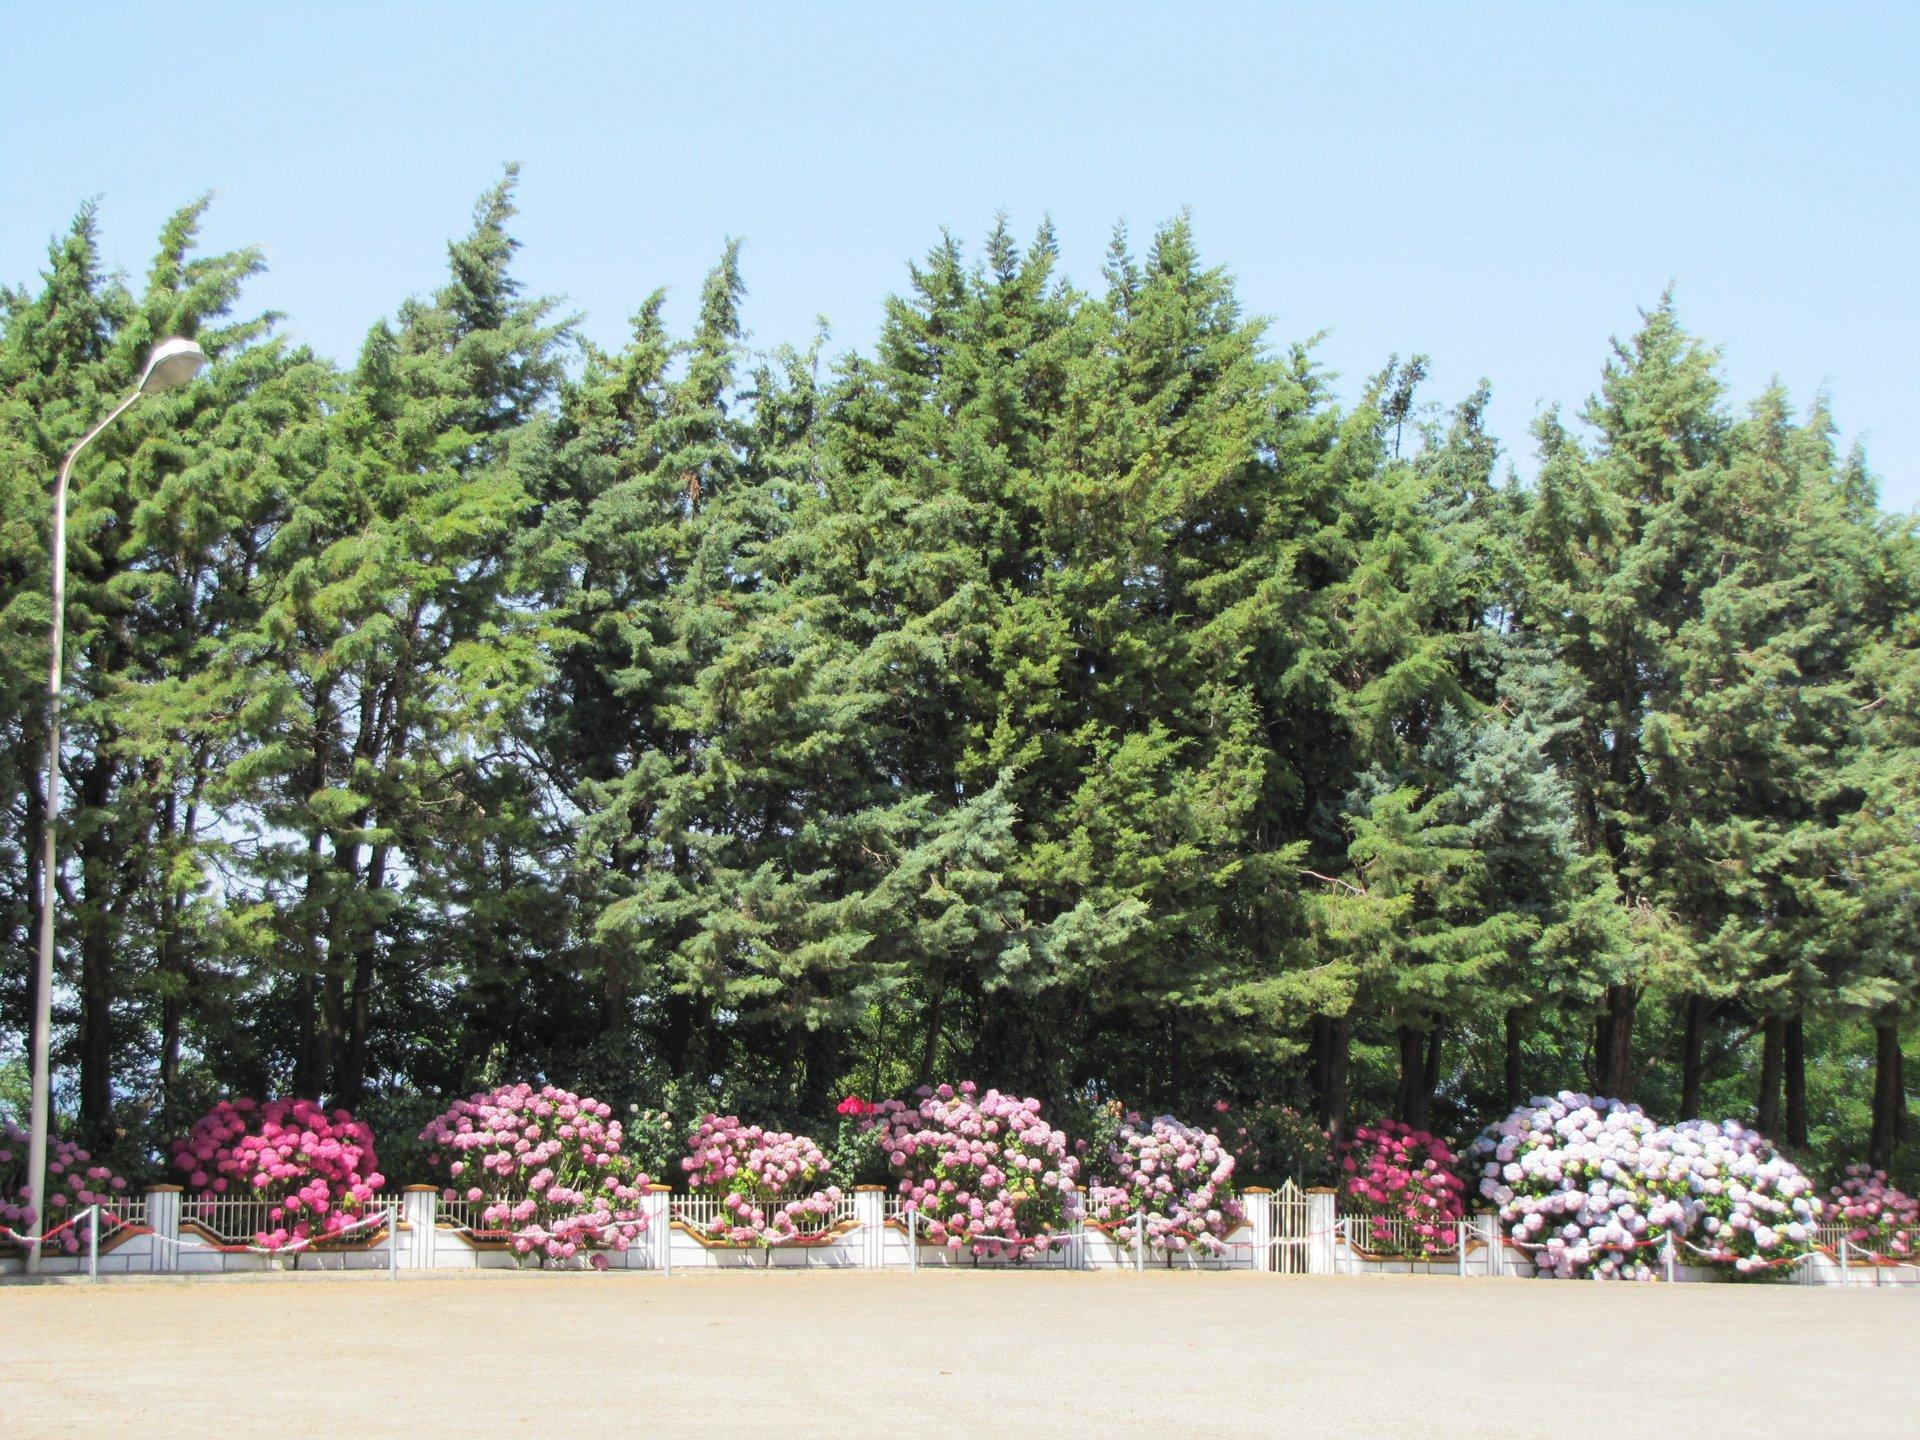 vista di un giardino con alberi e fiori